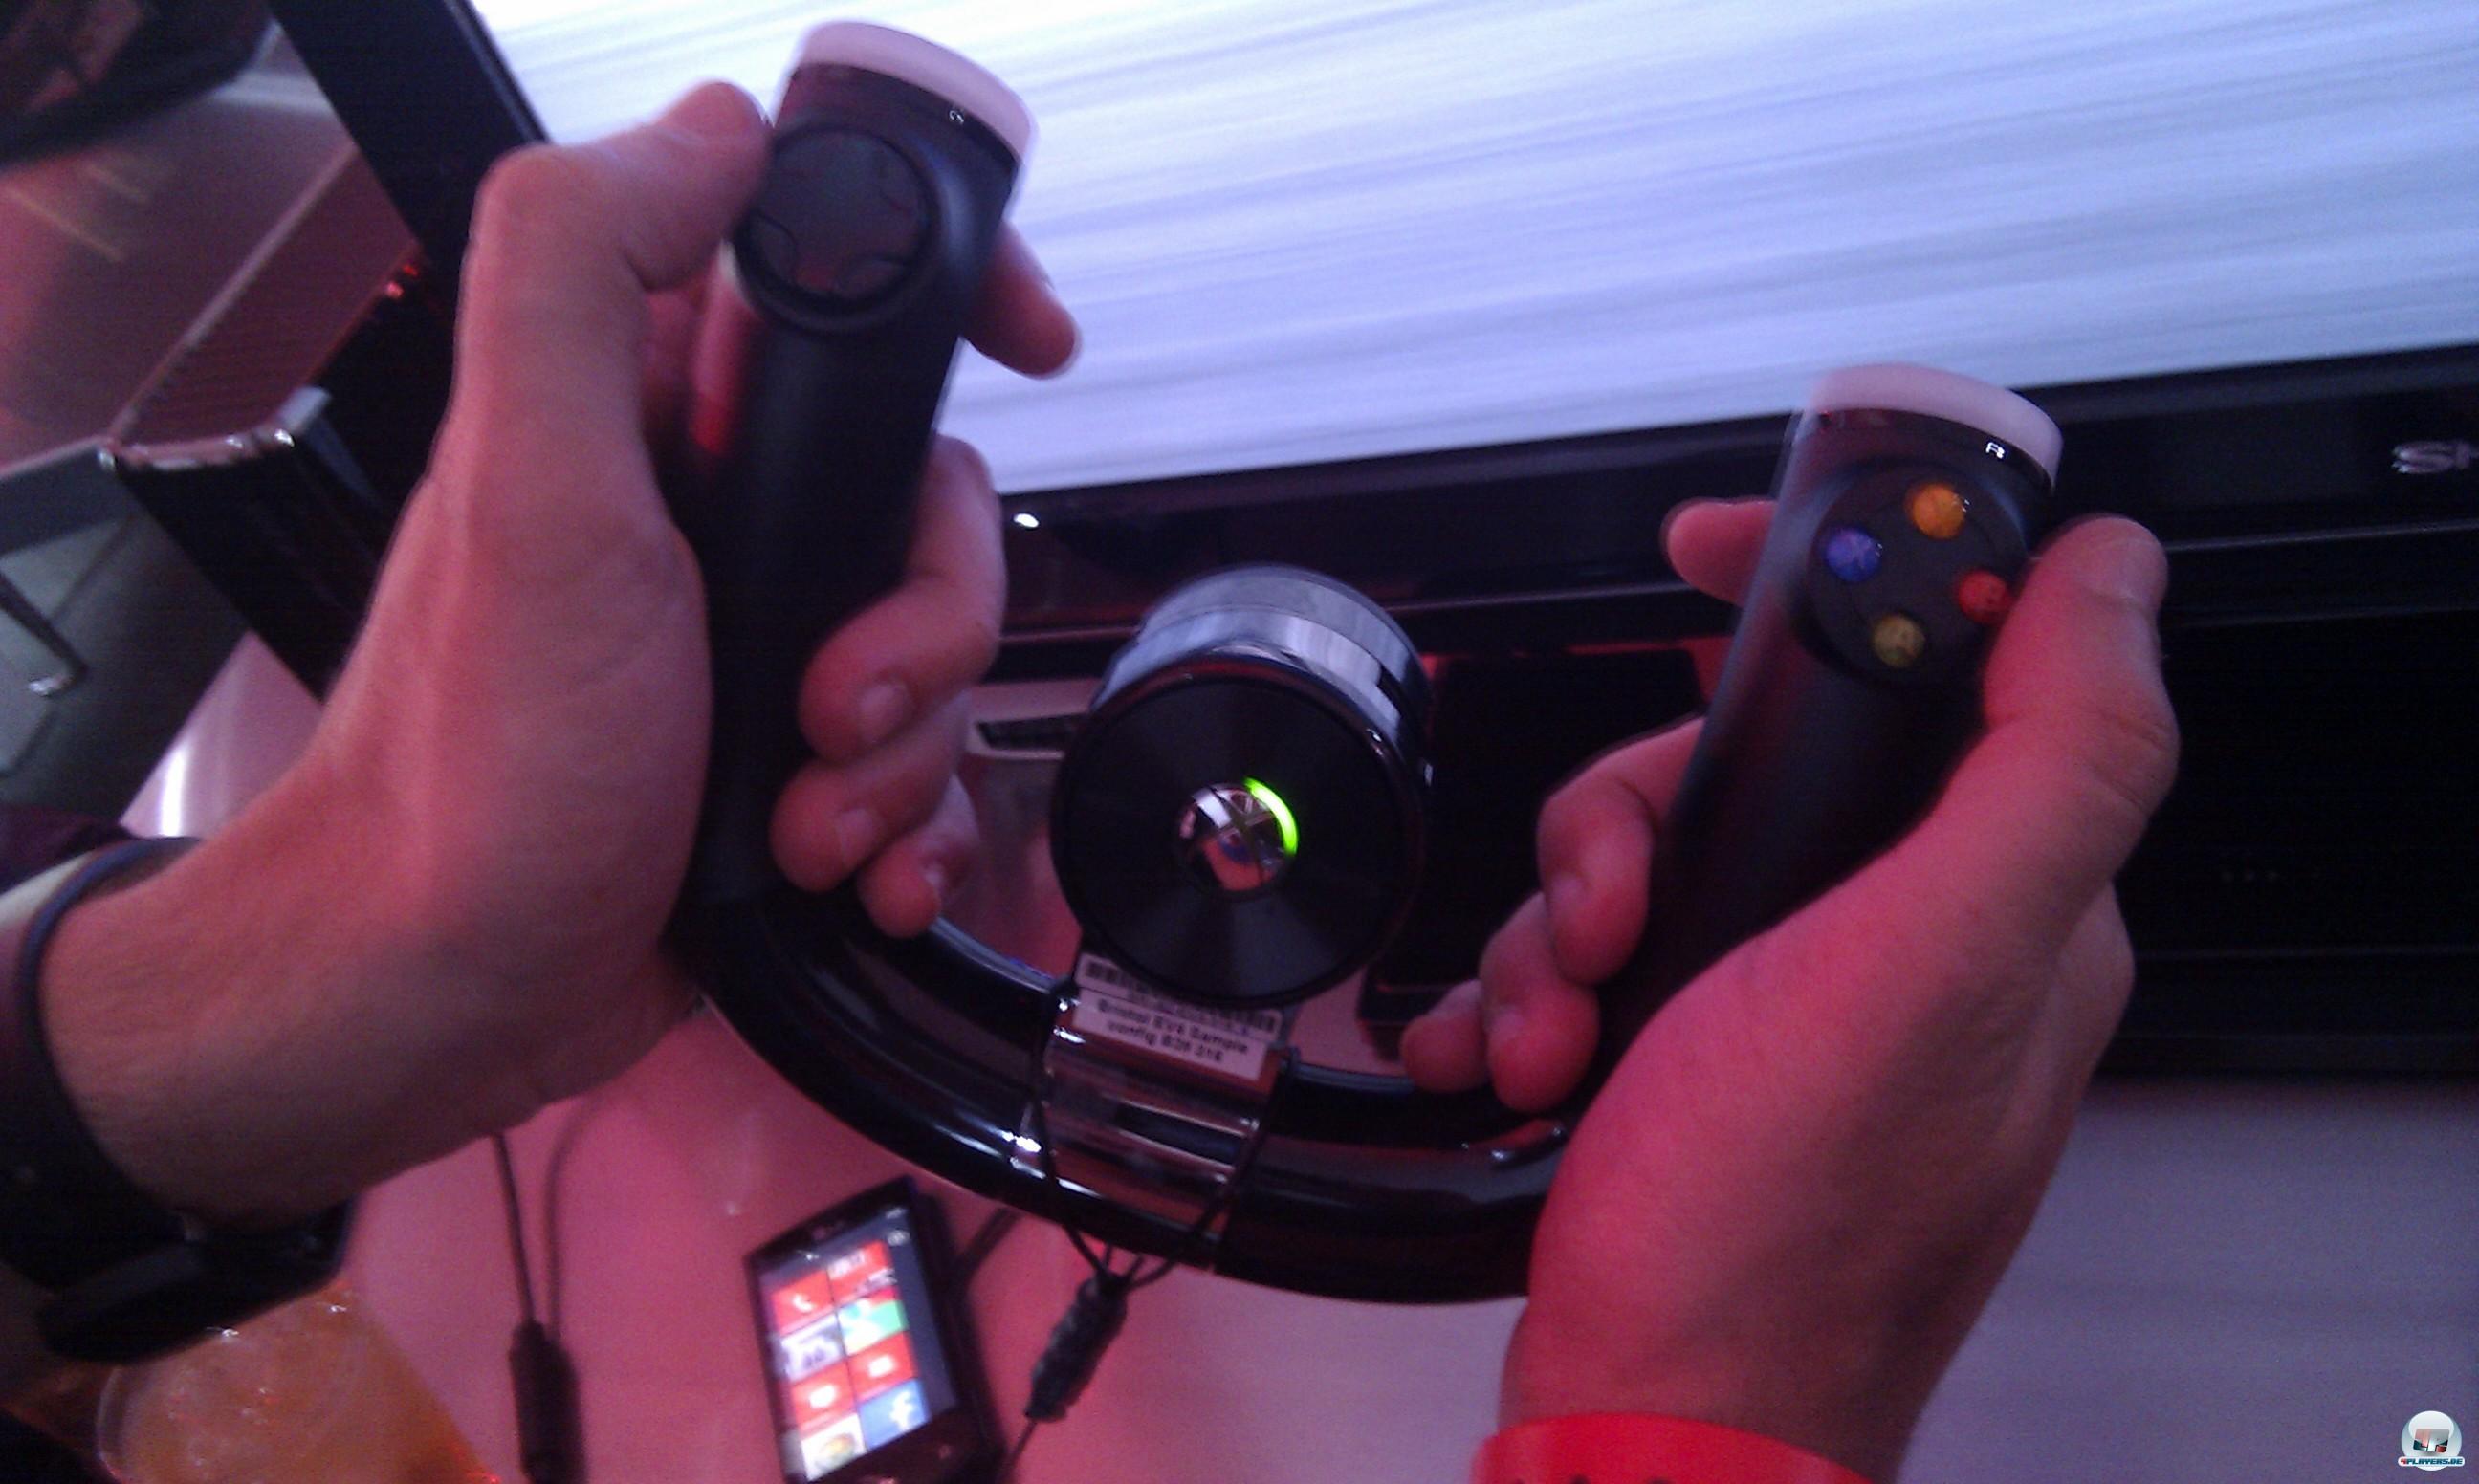 Sieht seltsam aus, aber funktioniert erstaunlich gut: Fanatects Wireless Speed Wheel-Controller.